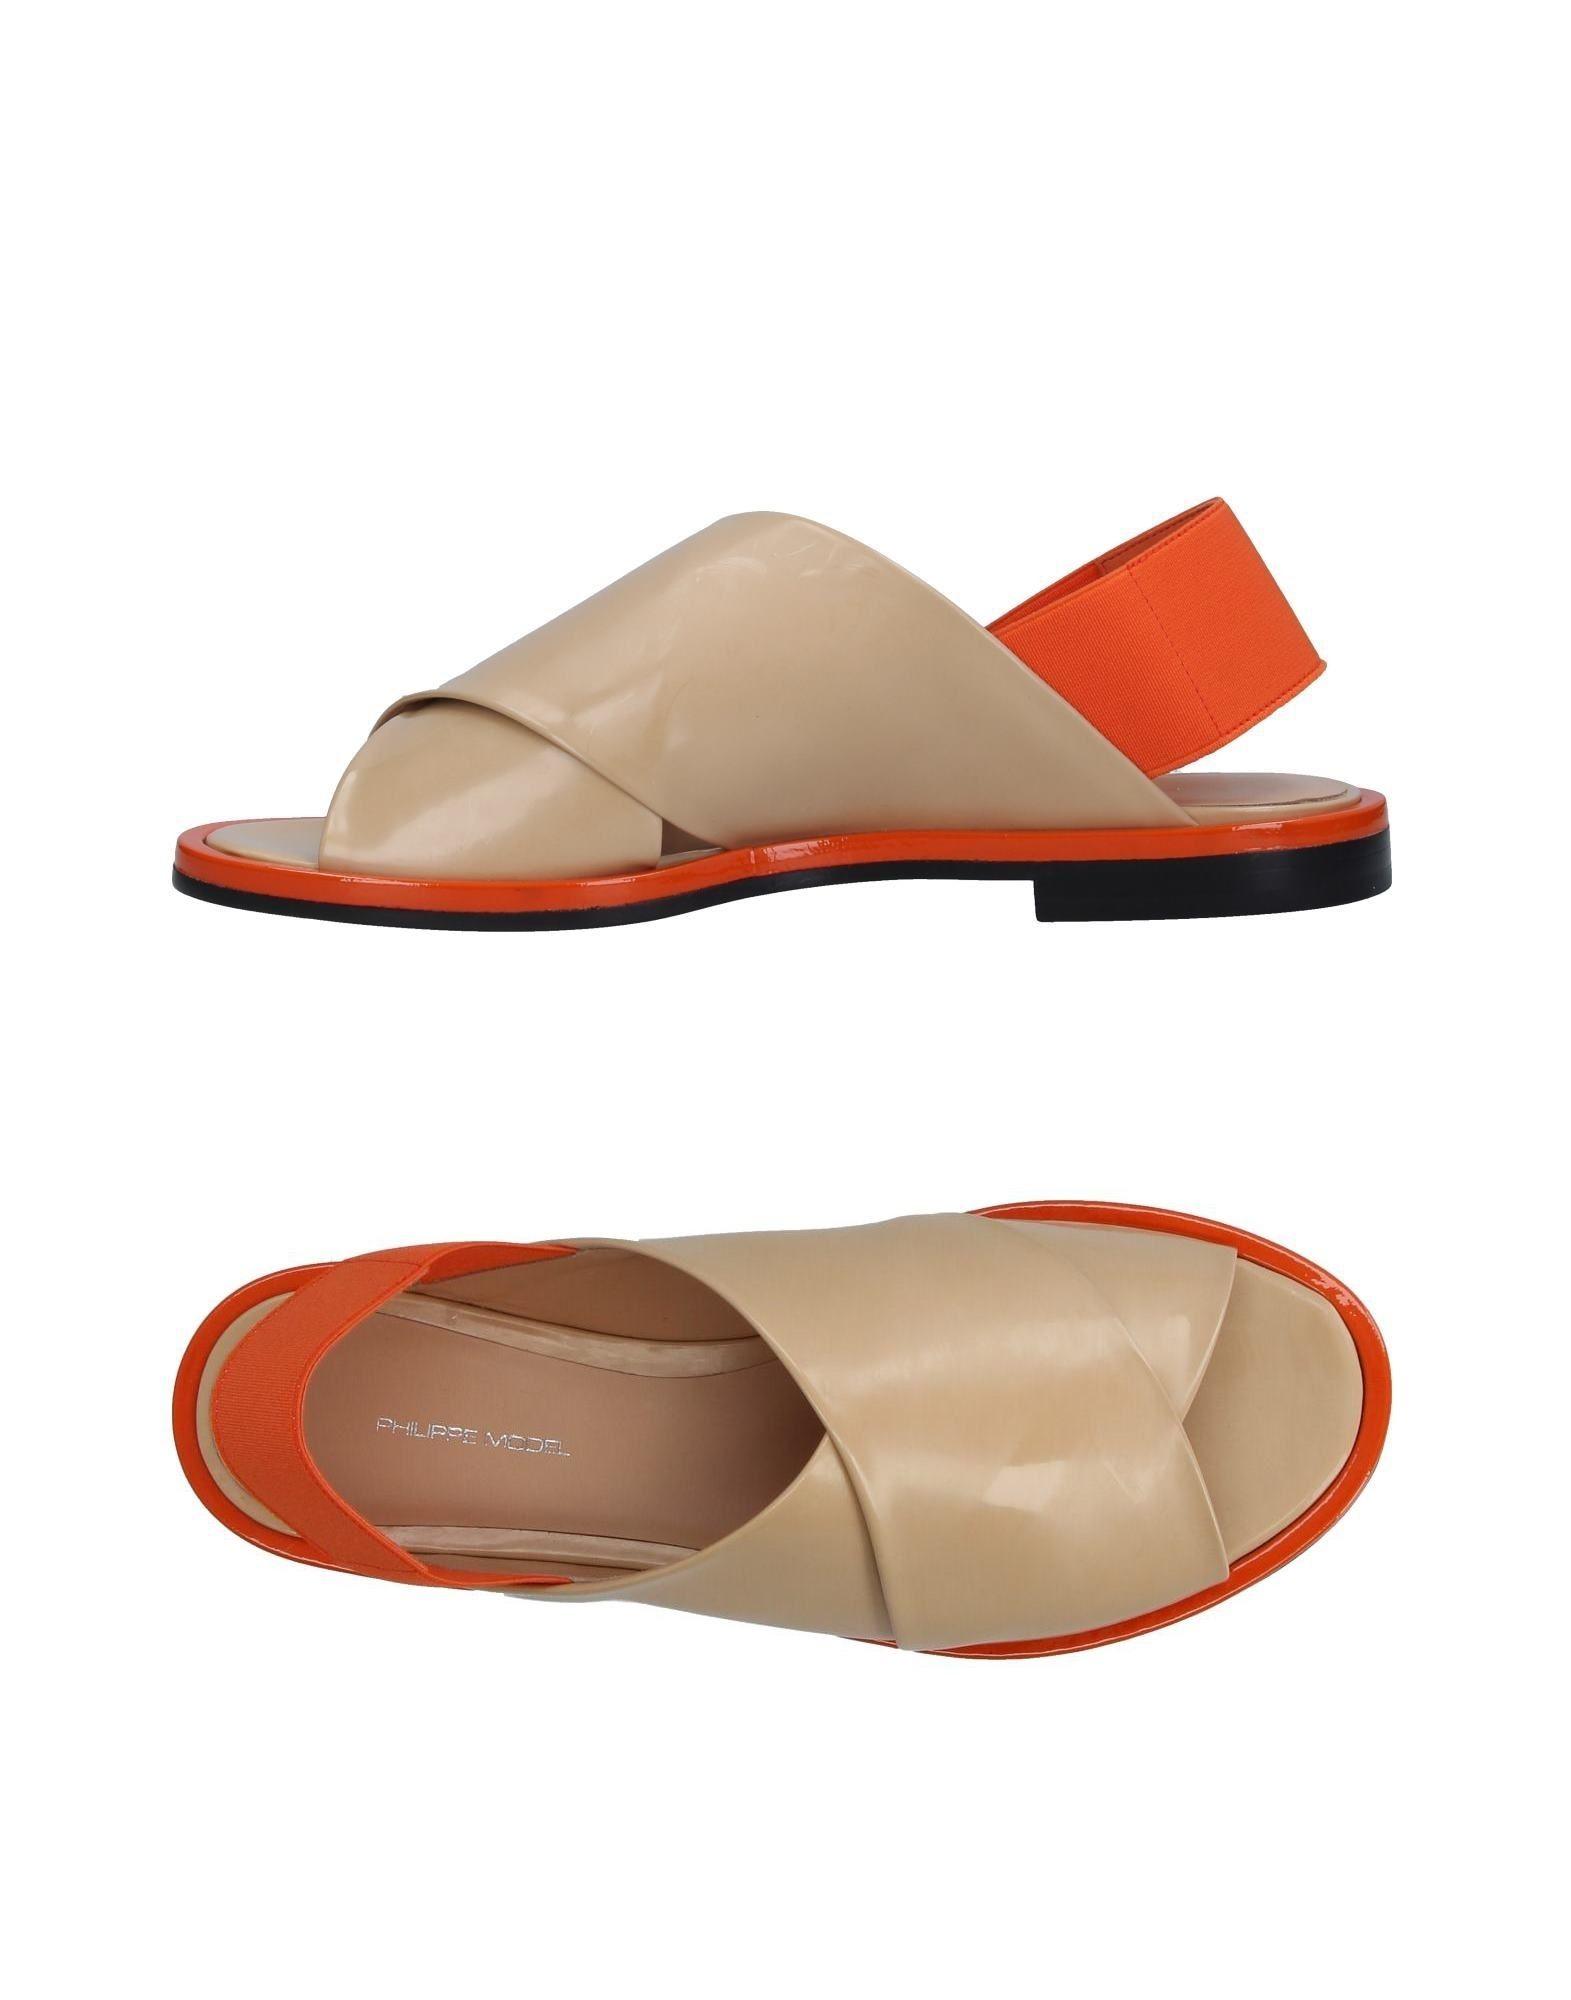 Philippe Model Sandalen Damen  11342960BLGut aussehende strapazierfähige Schuhe